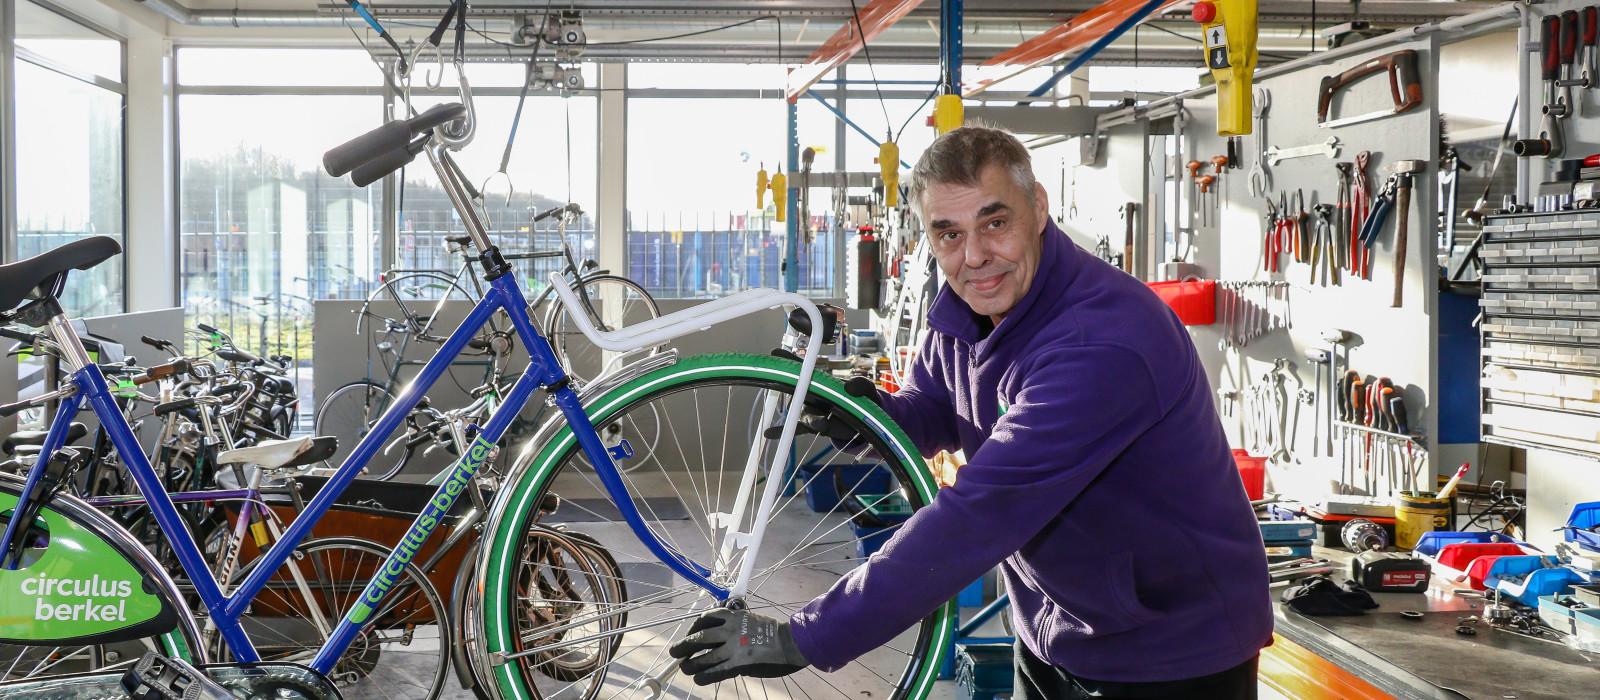 Circulus-Berkel biedt kansen aan mensen met een kwetsbare positie op de arbeidsmarkt